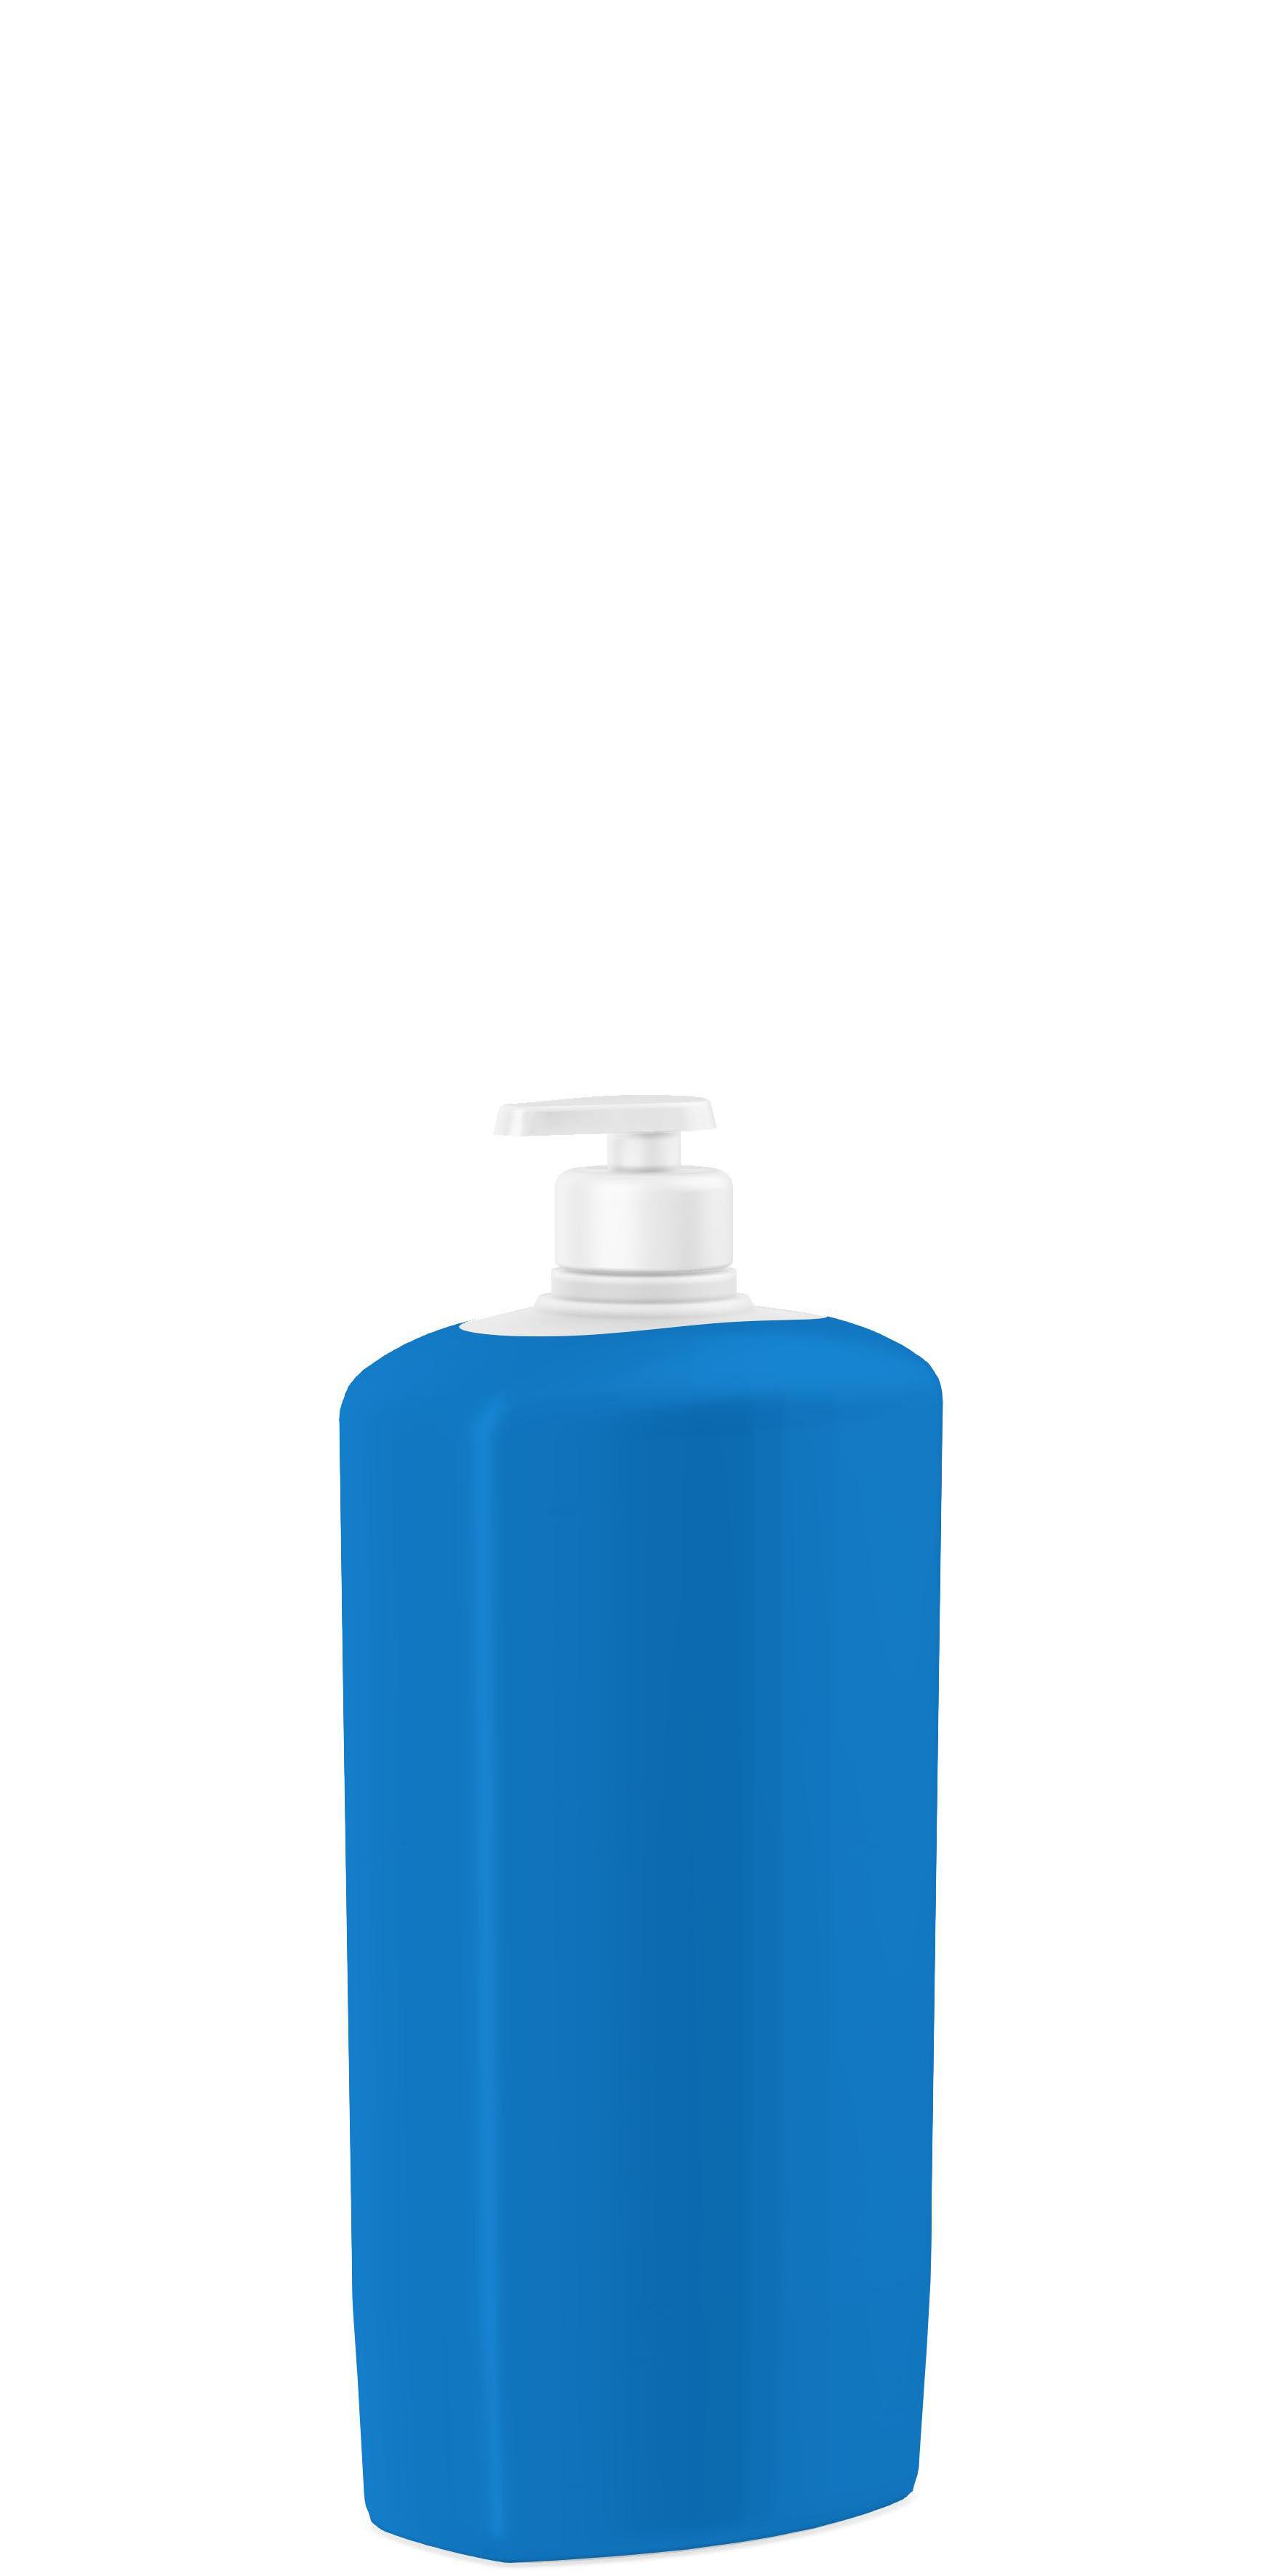 Forme emballage Produits douche & bain 400ml à 1L